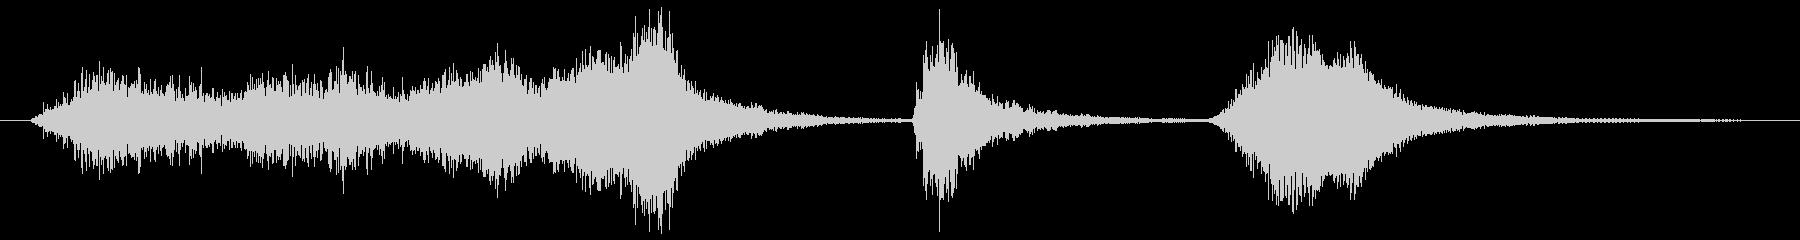 ストリングスが飛び跳ねるサウンドロゴの未再生の波形